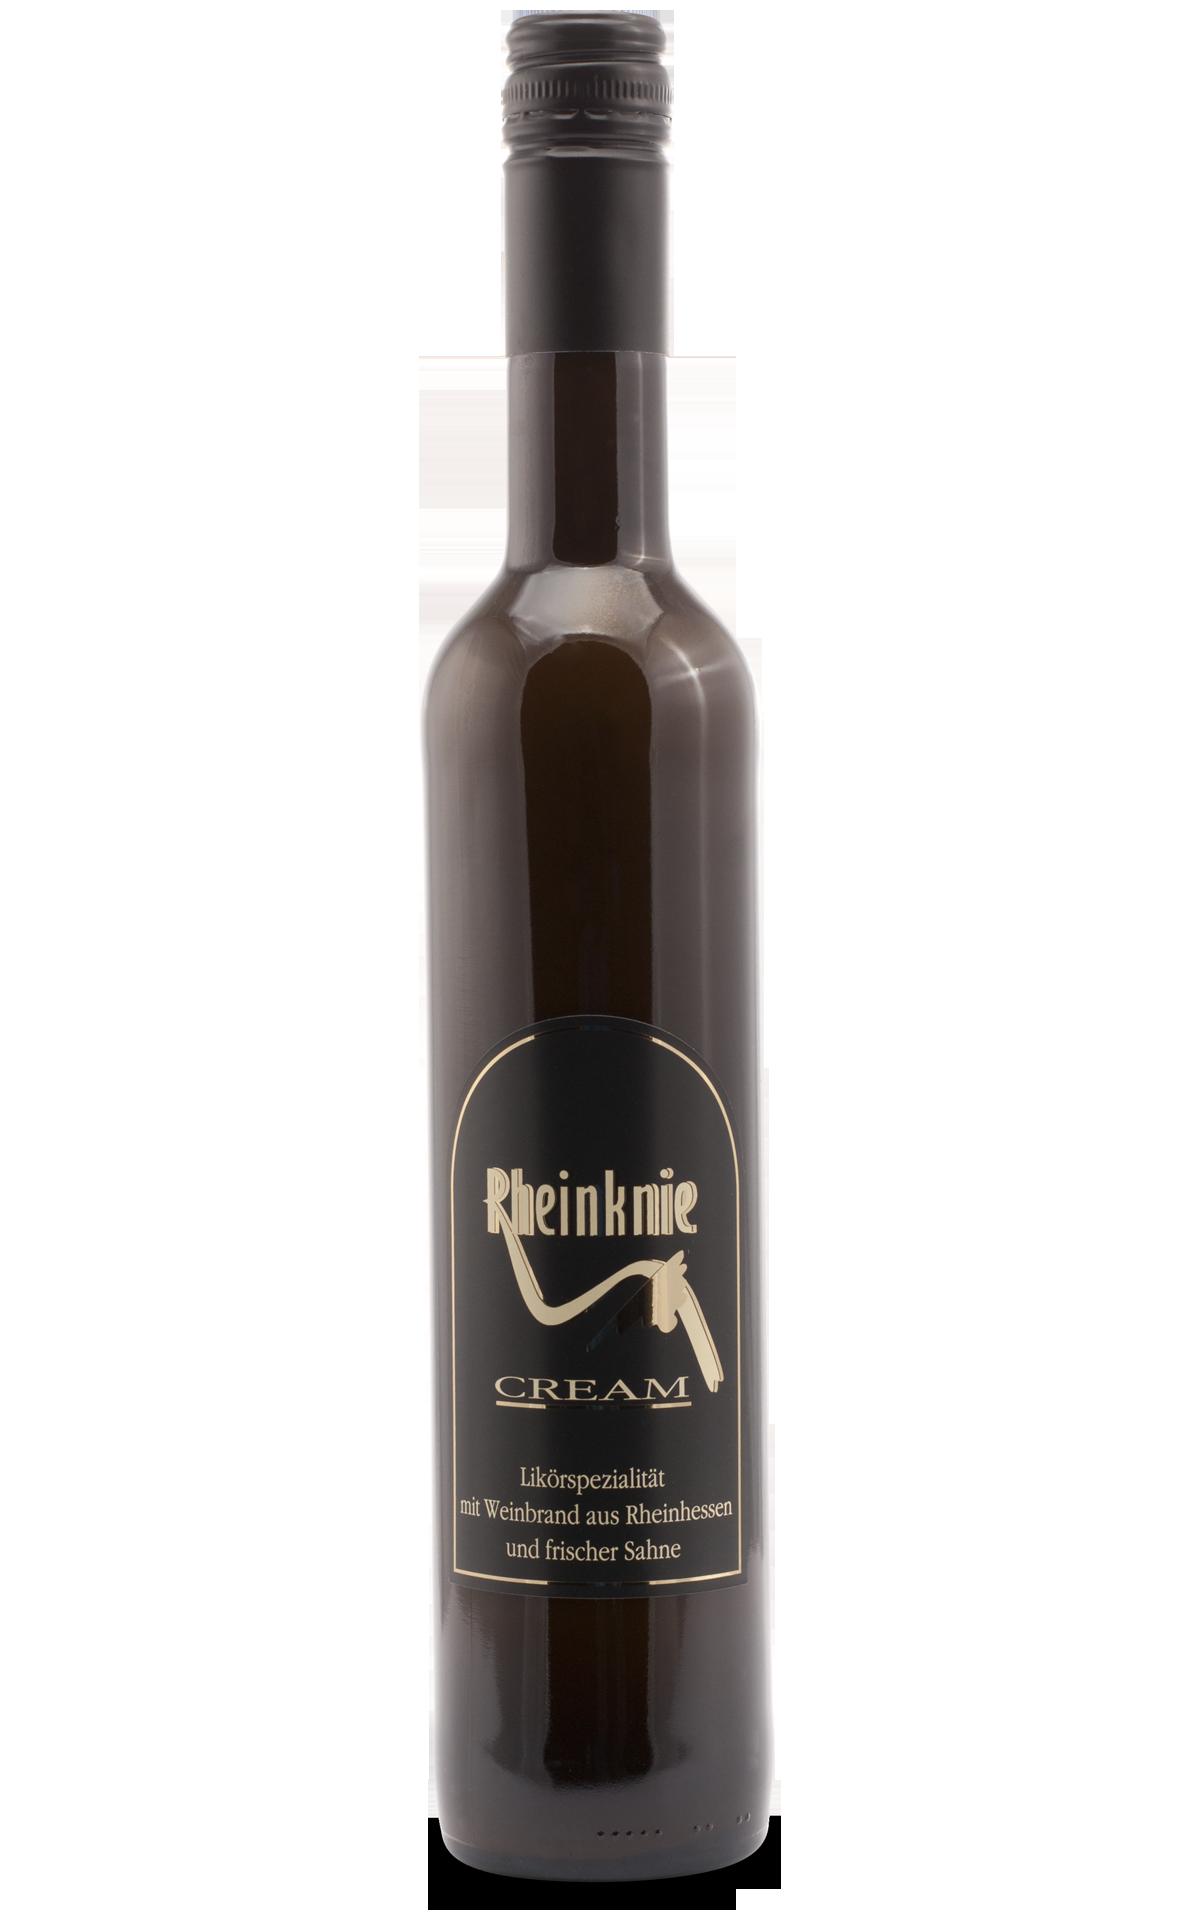 Rheinknie-Creme